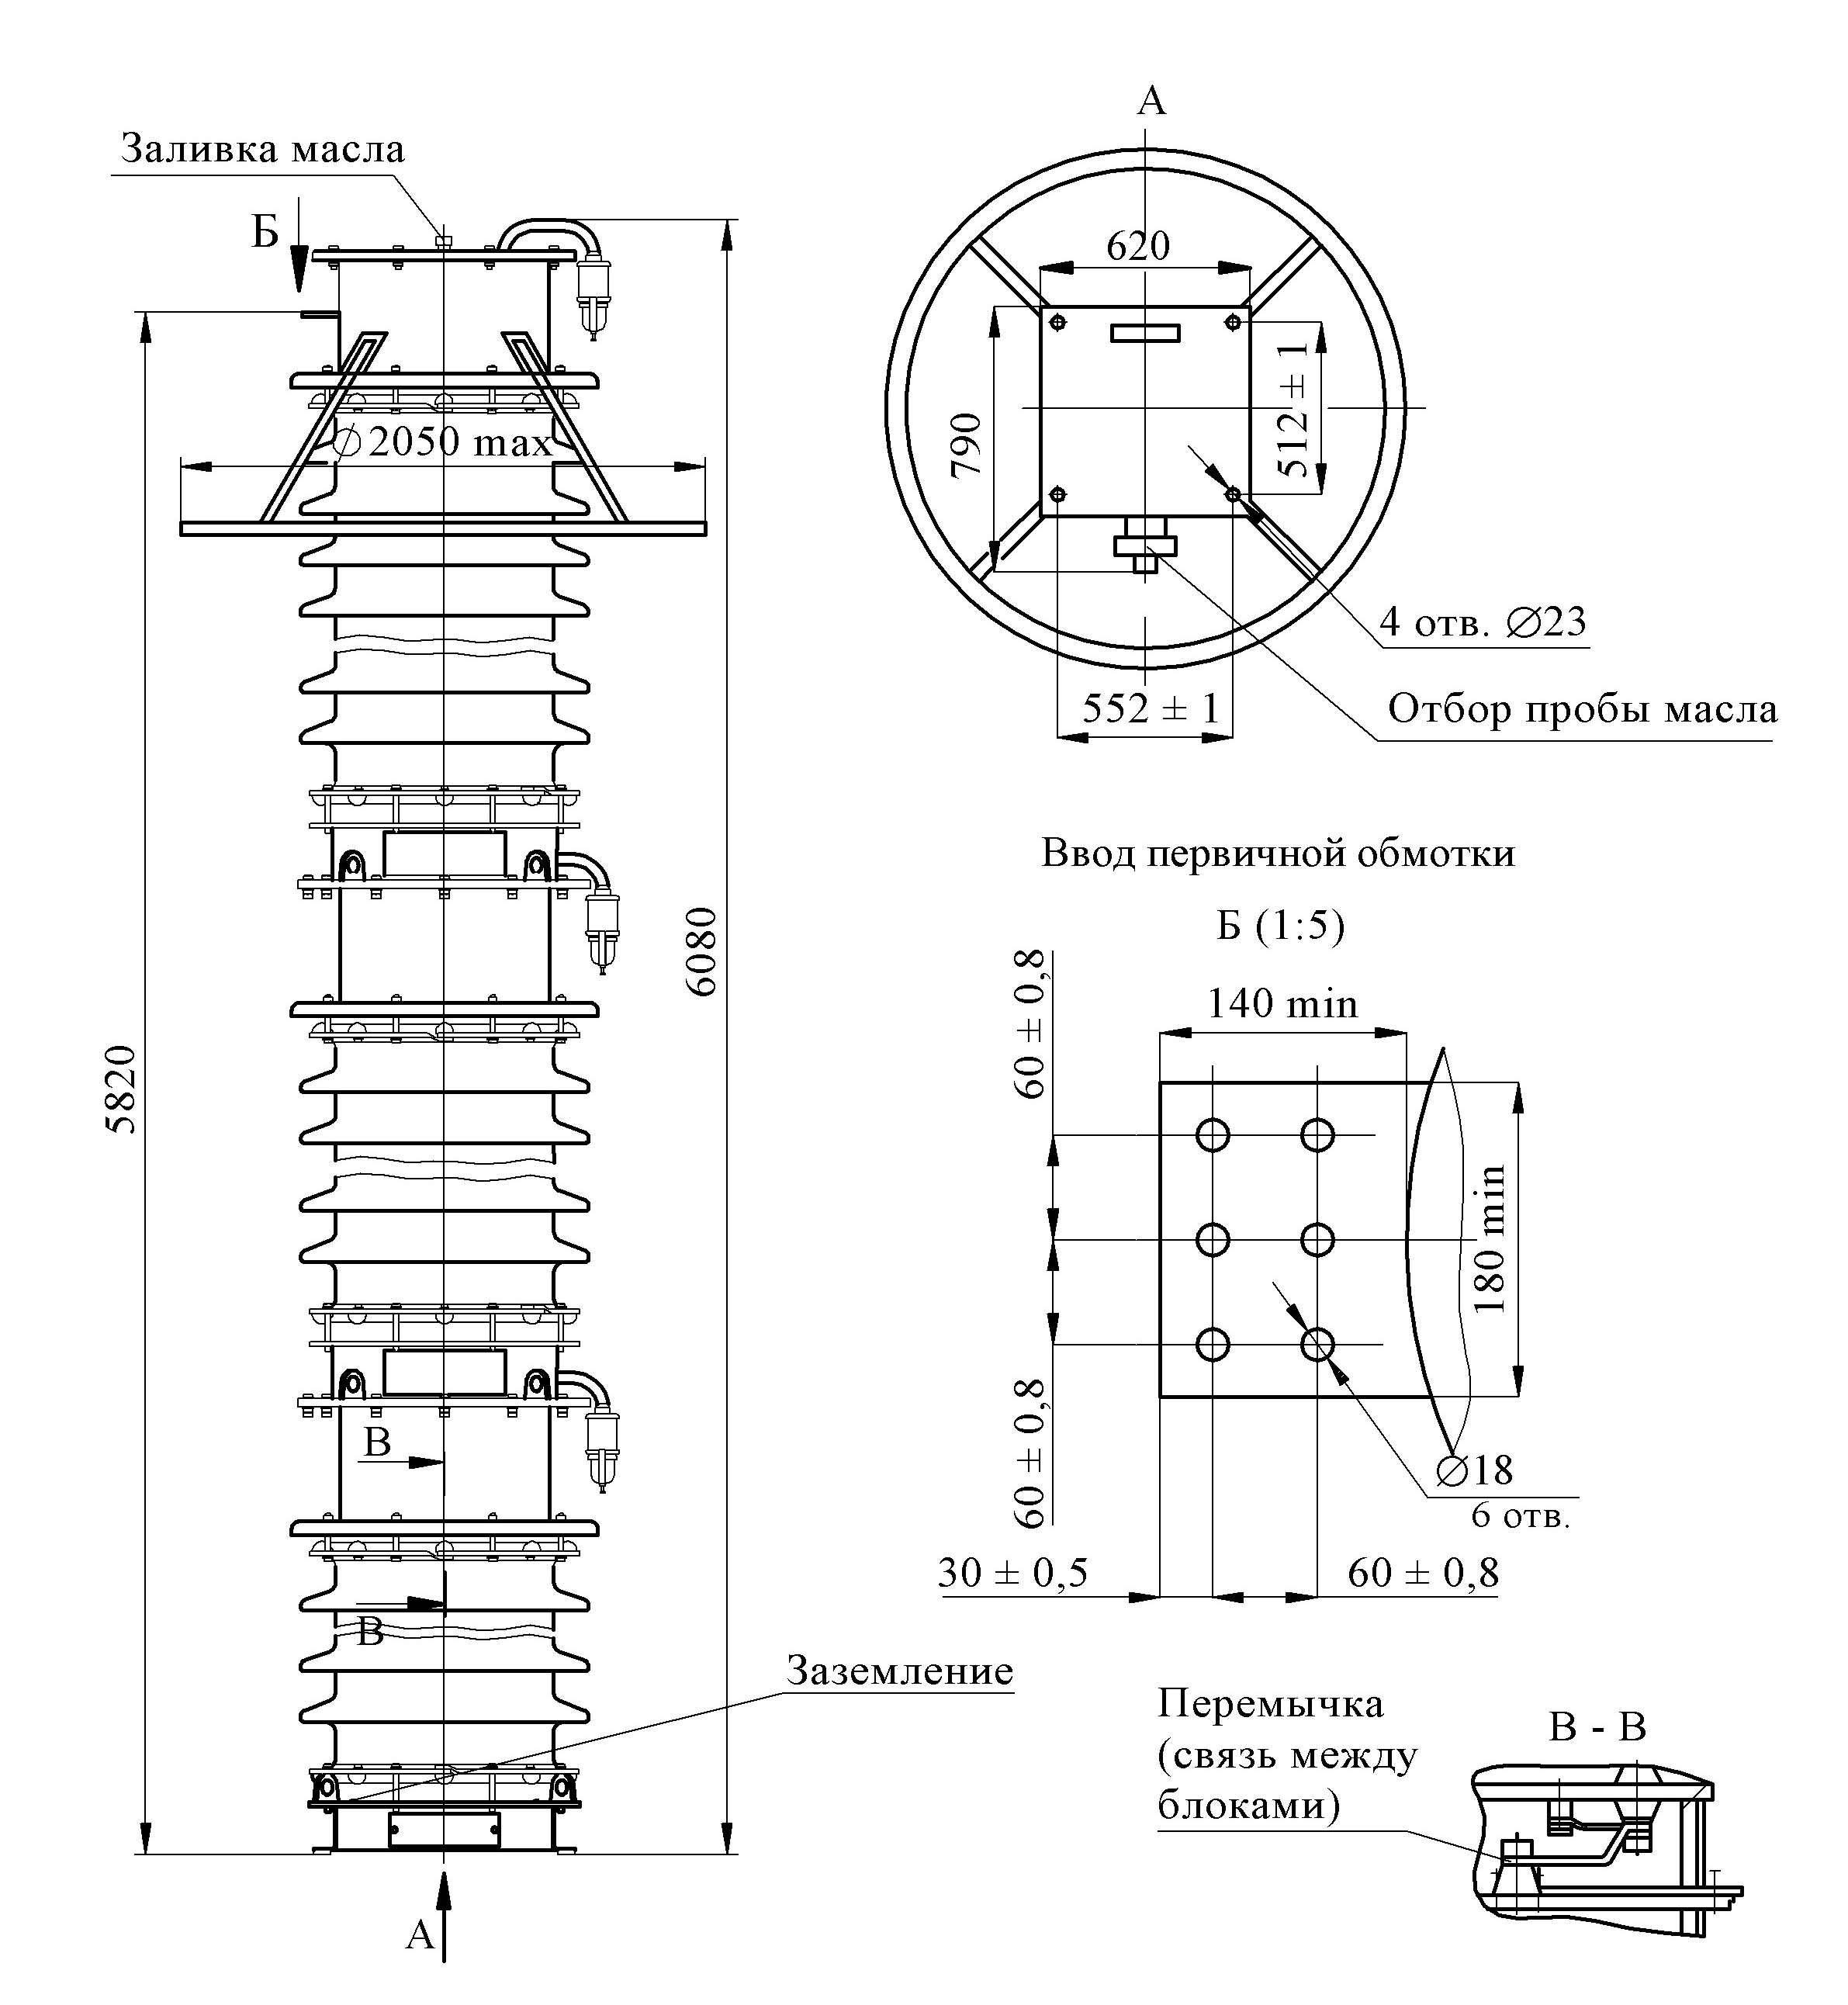 Трансформатор напряжения НКФ–М-500 I ХЛ1 (класс точности 1,0)